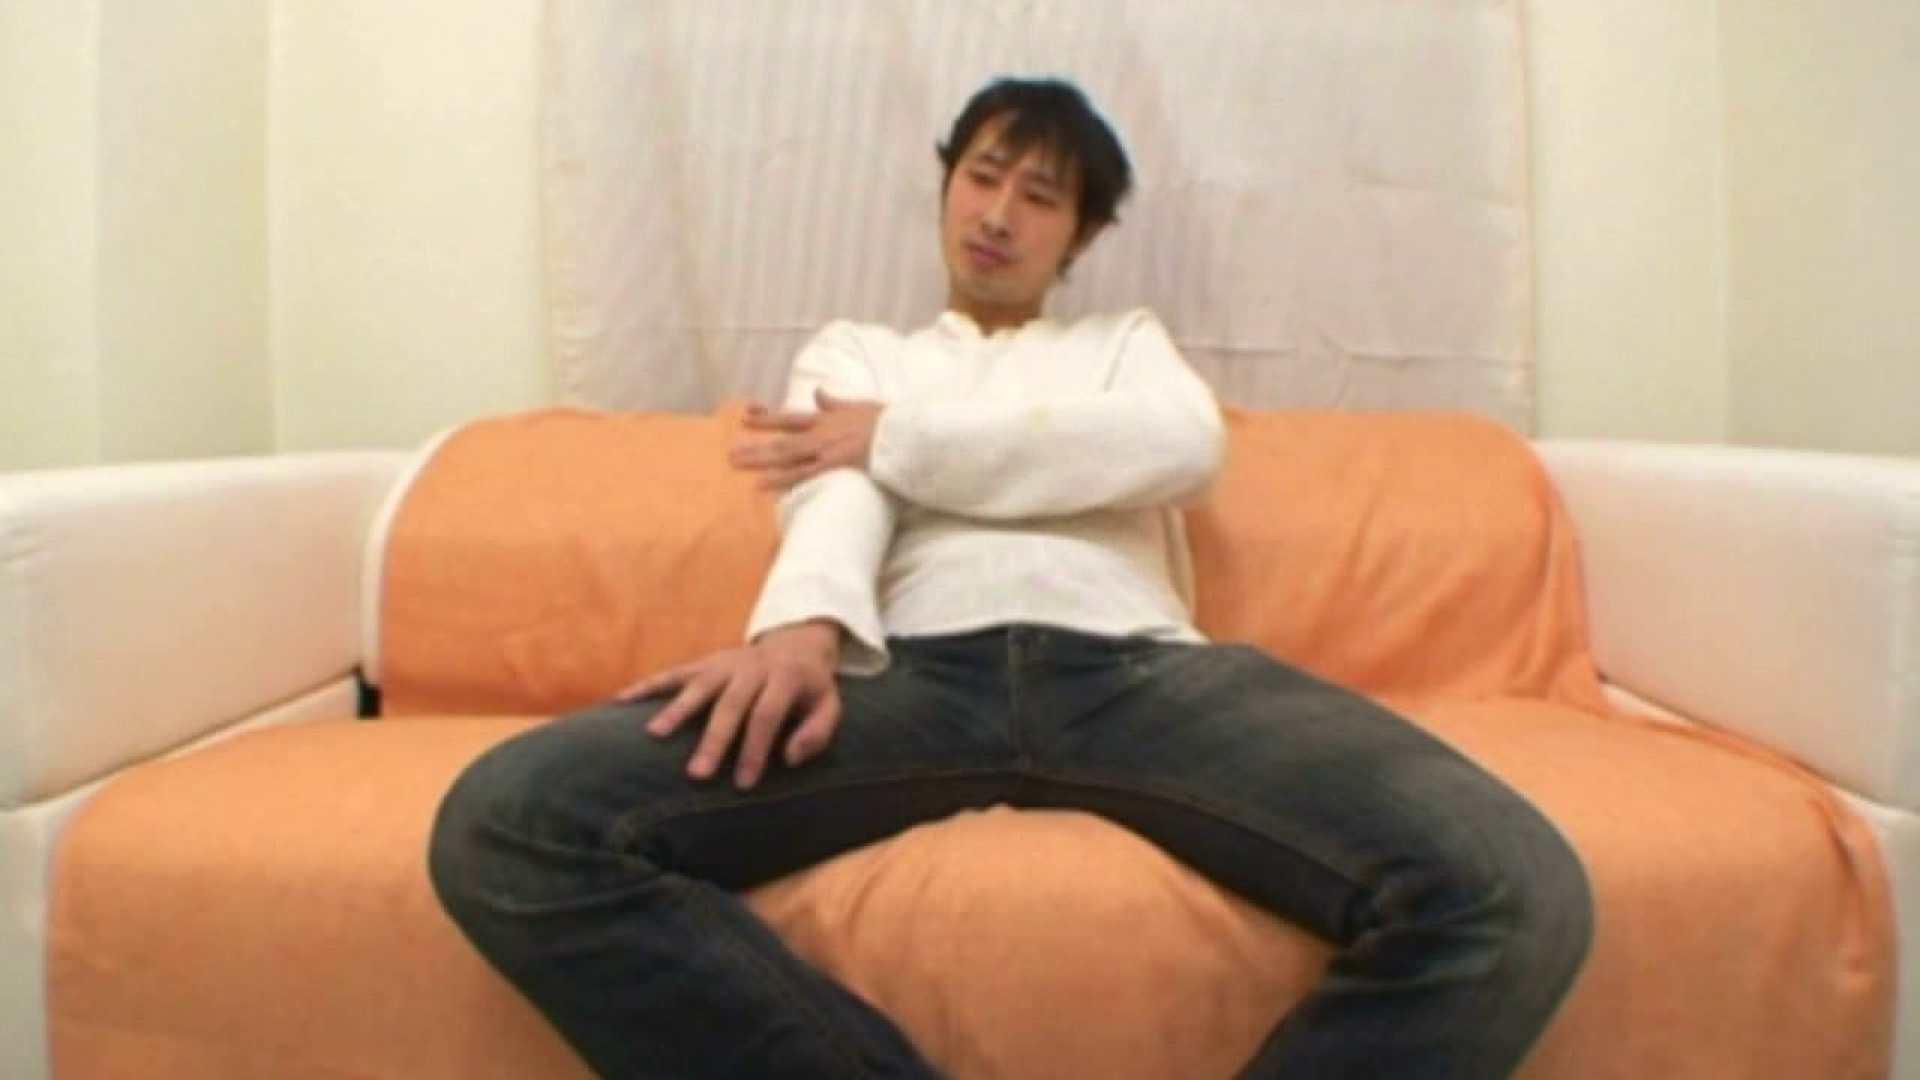 イケメンズエステティック倶楽部Case.02 イケメン ケツマンスケベ画像 99枚 70